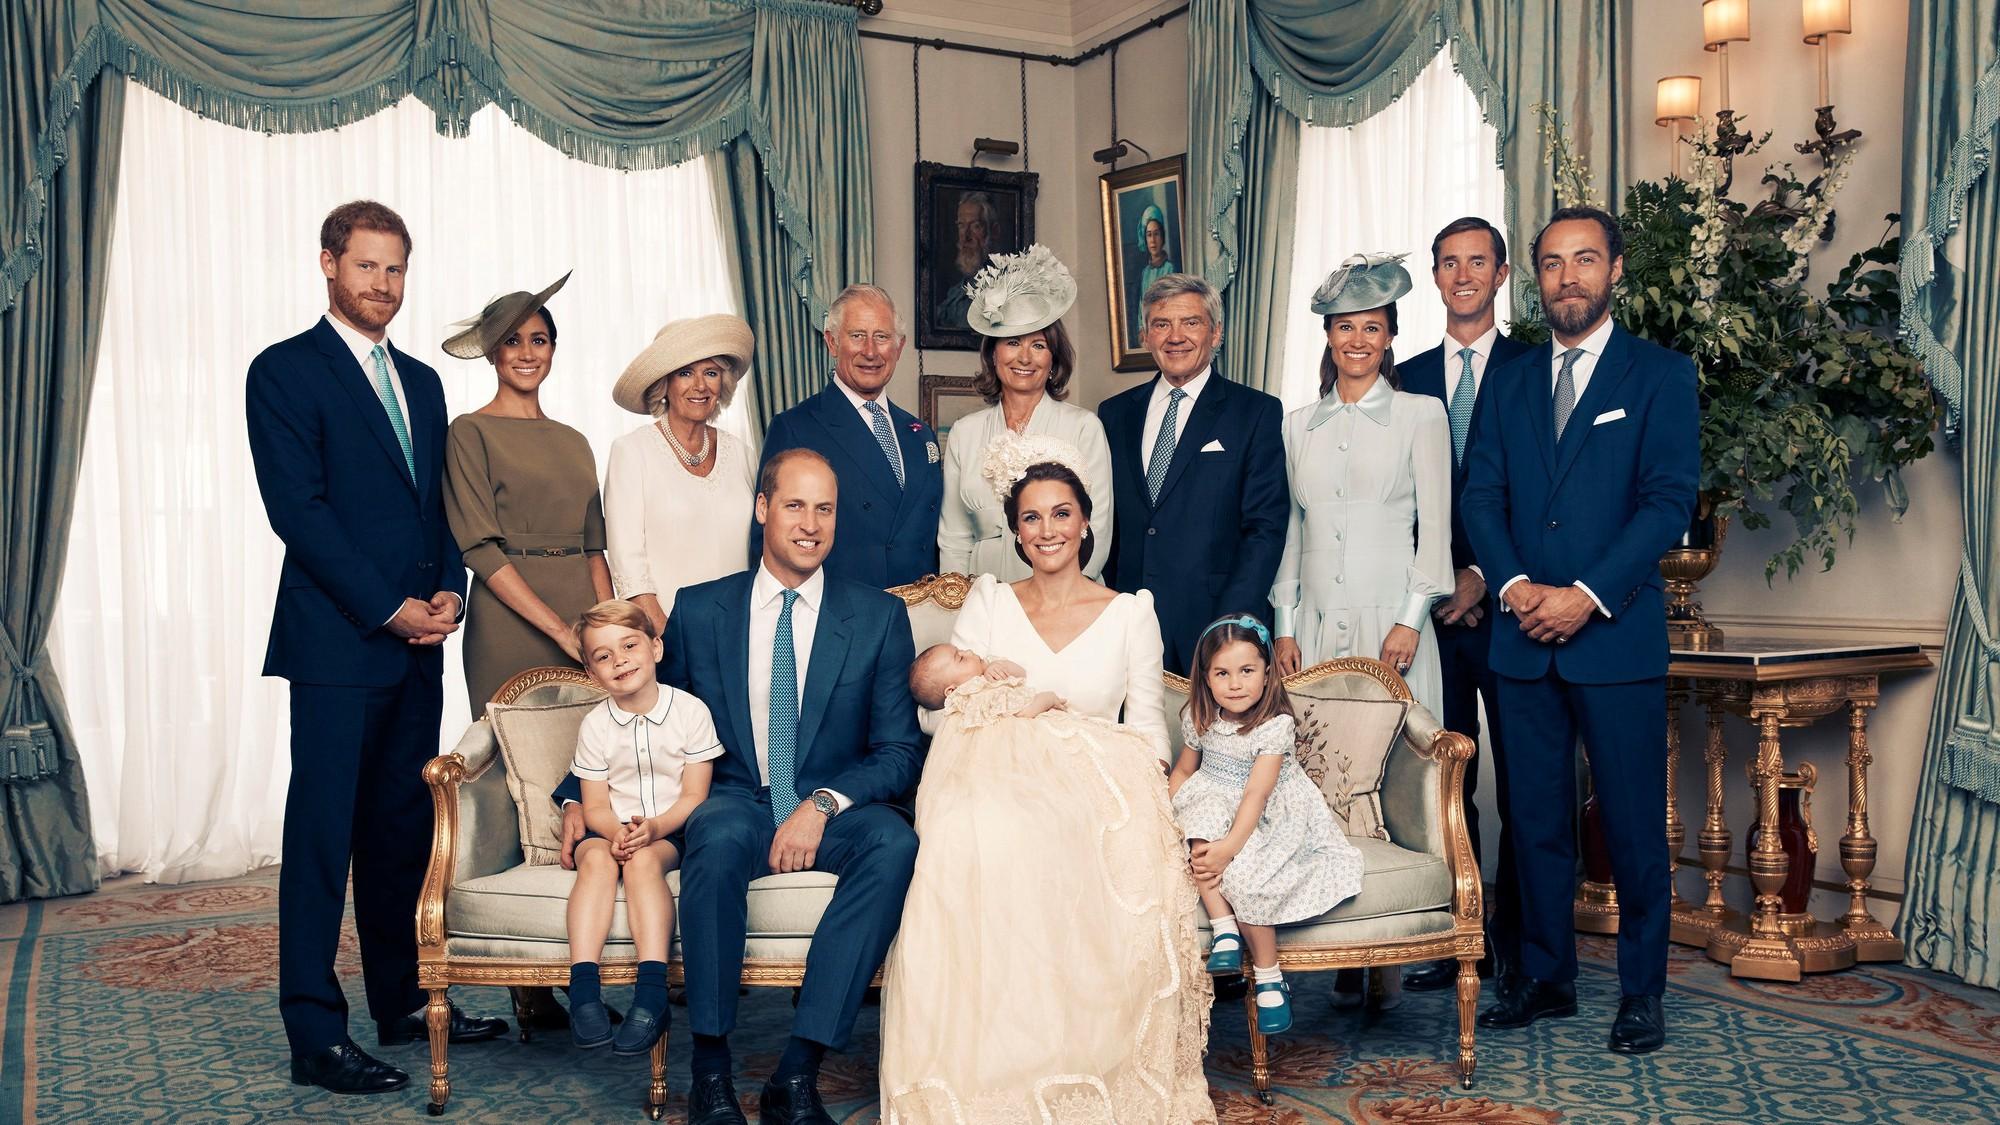 Chỉ mới 3 tháng làm dâu Hoàng gia nhưng Công nương Meghan Markle đã vướng không dưới 5 tranh cãi về trang phục - Ảnh 4.